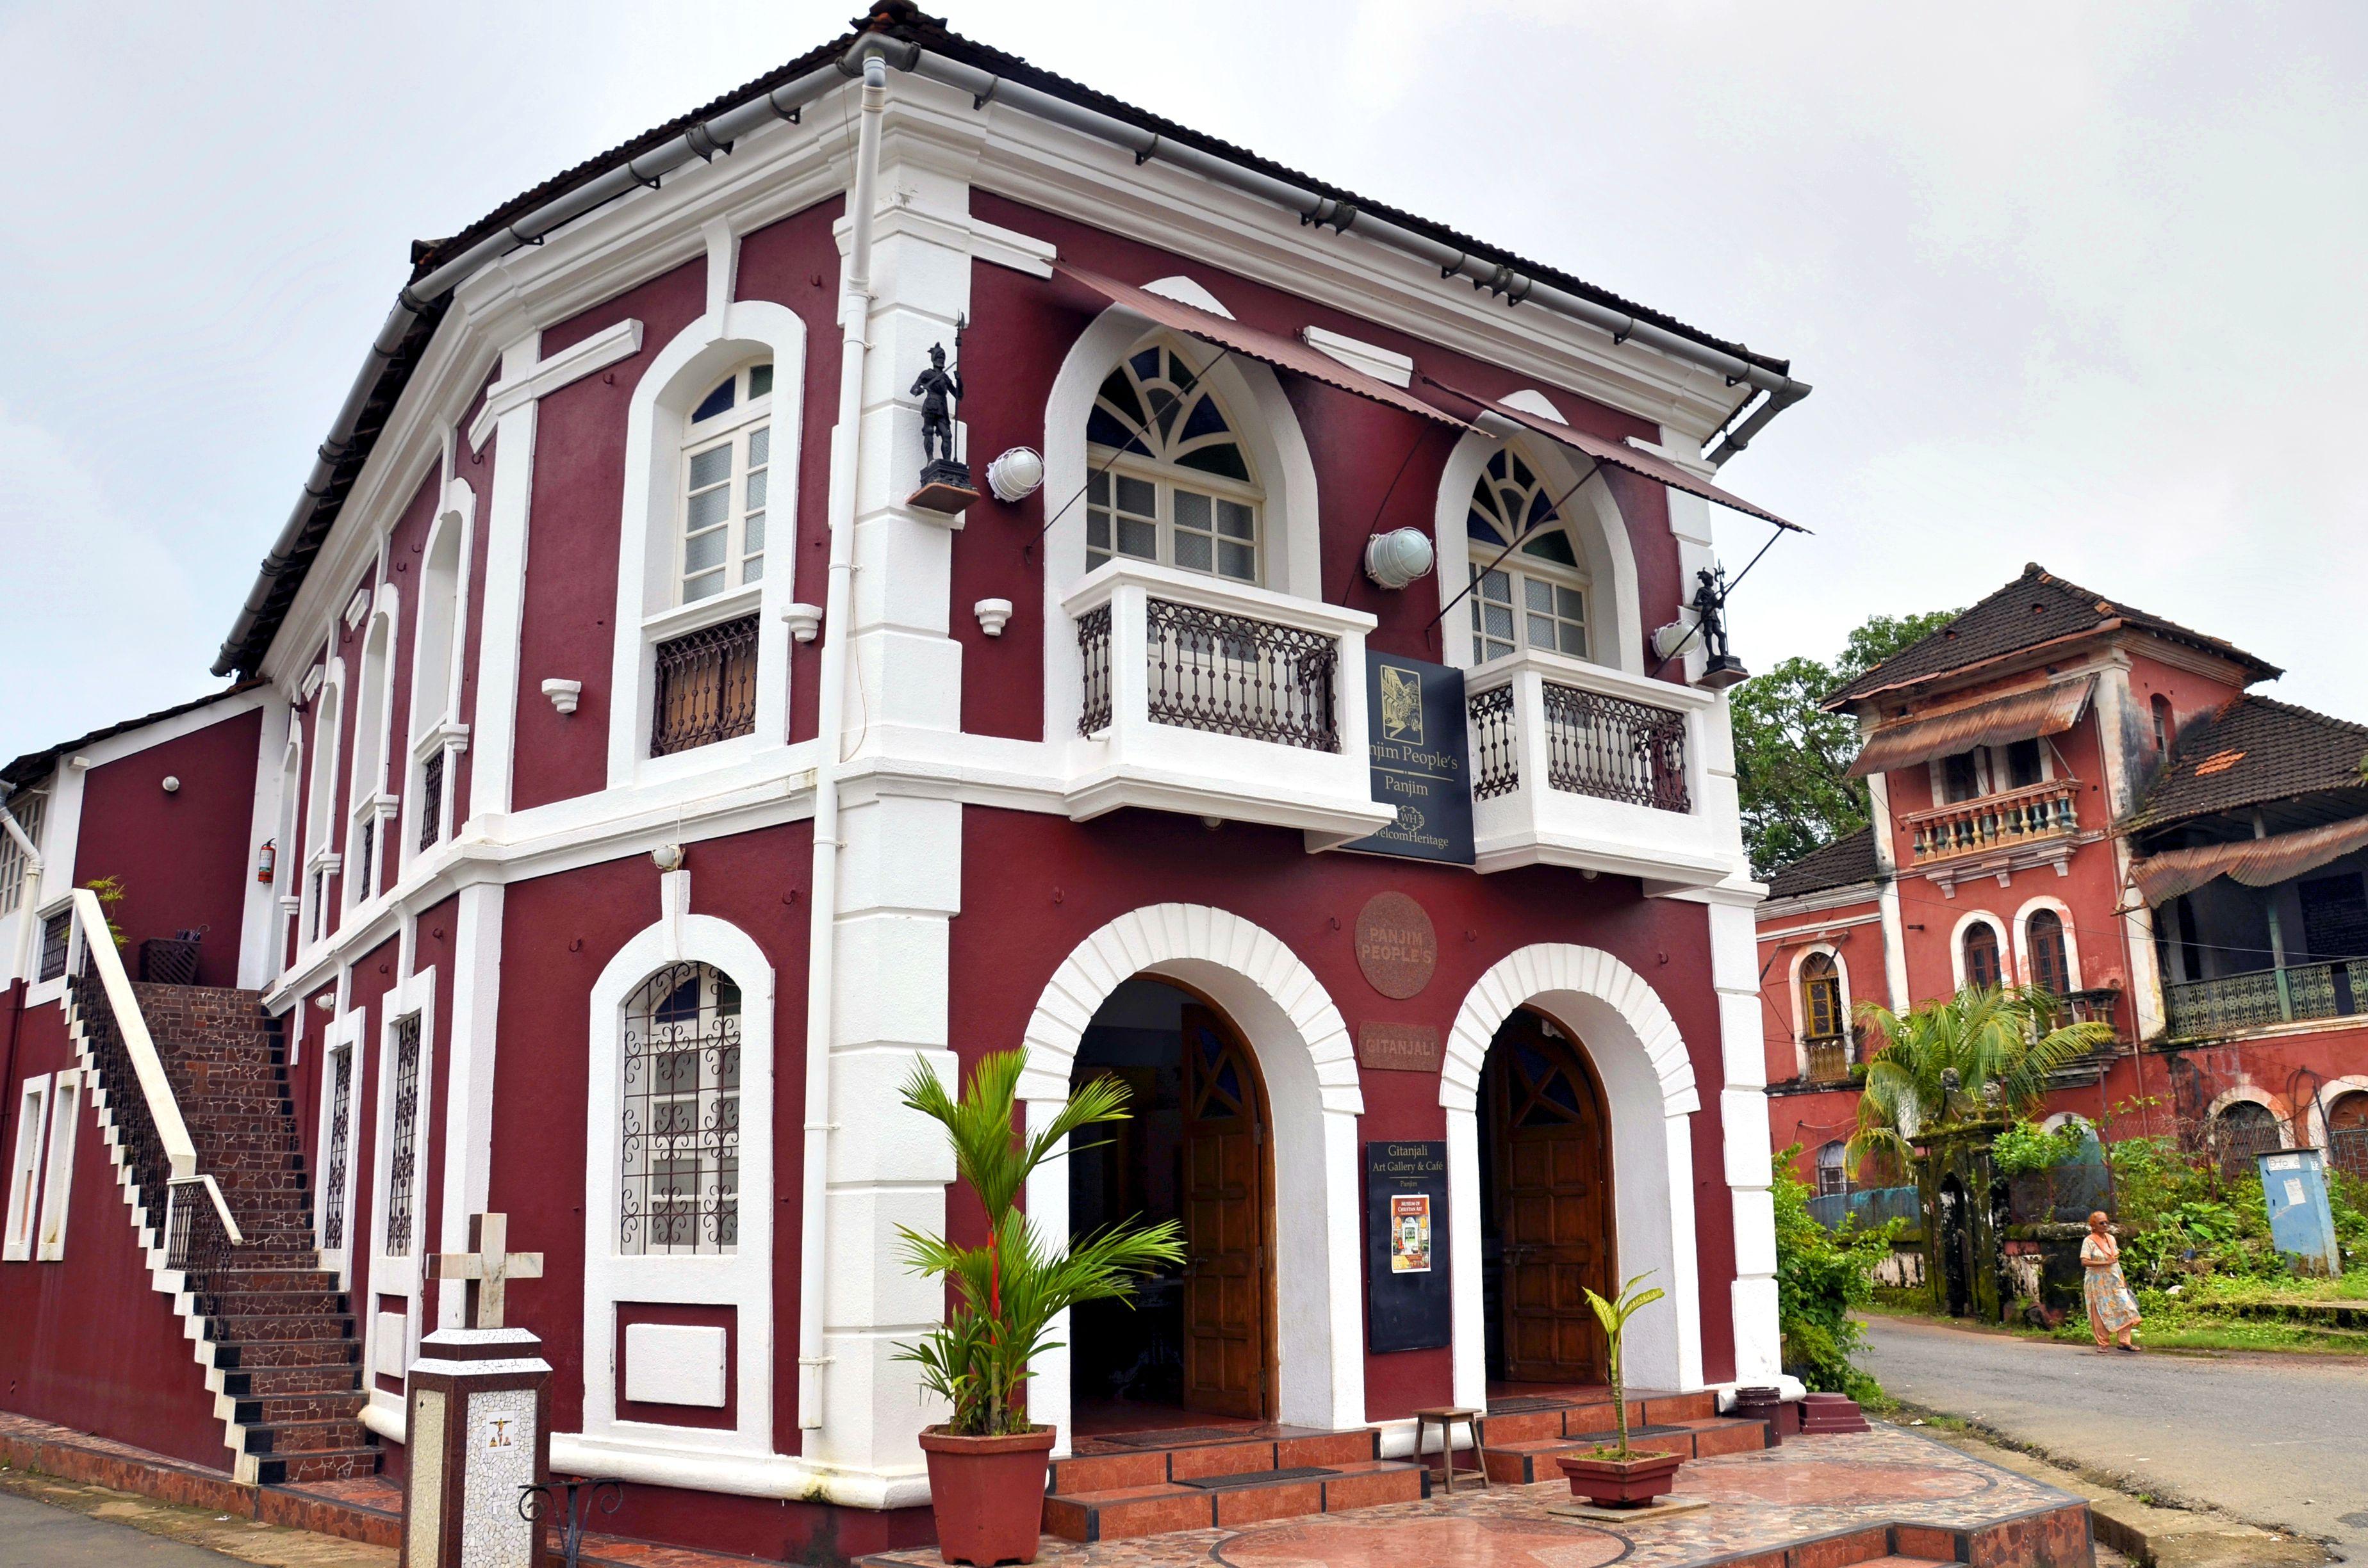 Goan House Designs And Floor Plans: Fontainhas Goa: Guide To Enjoying Goa's Latin Quarter